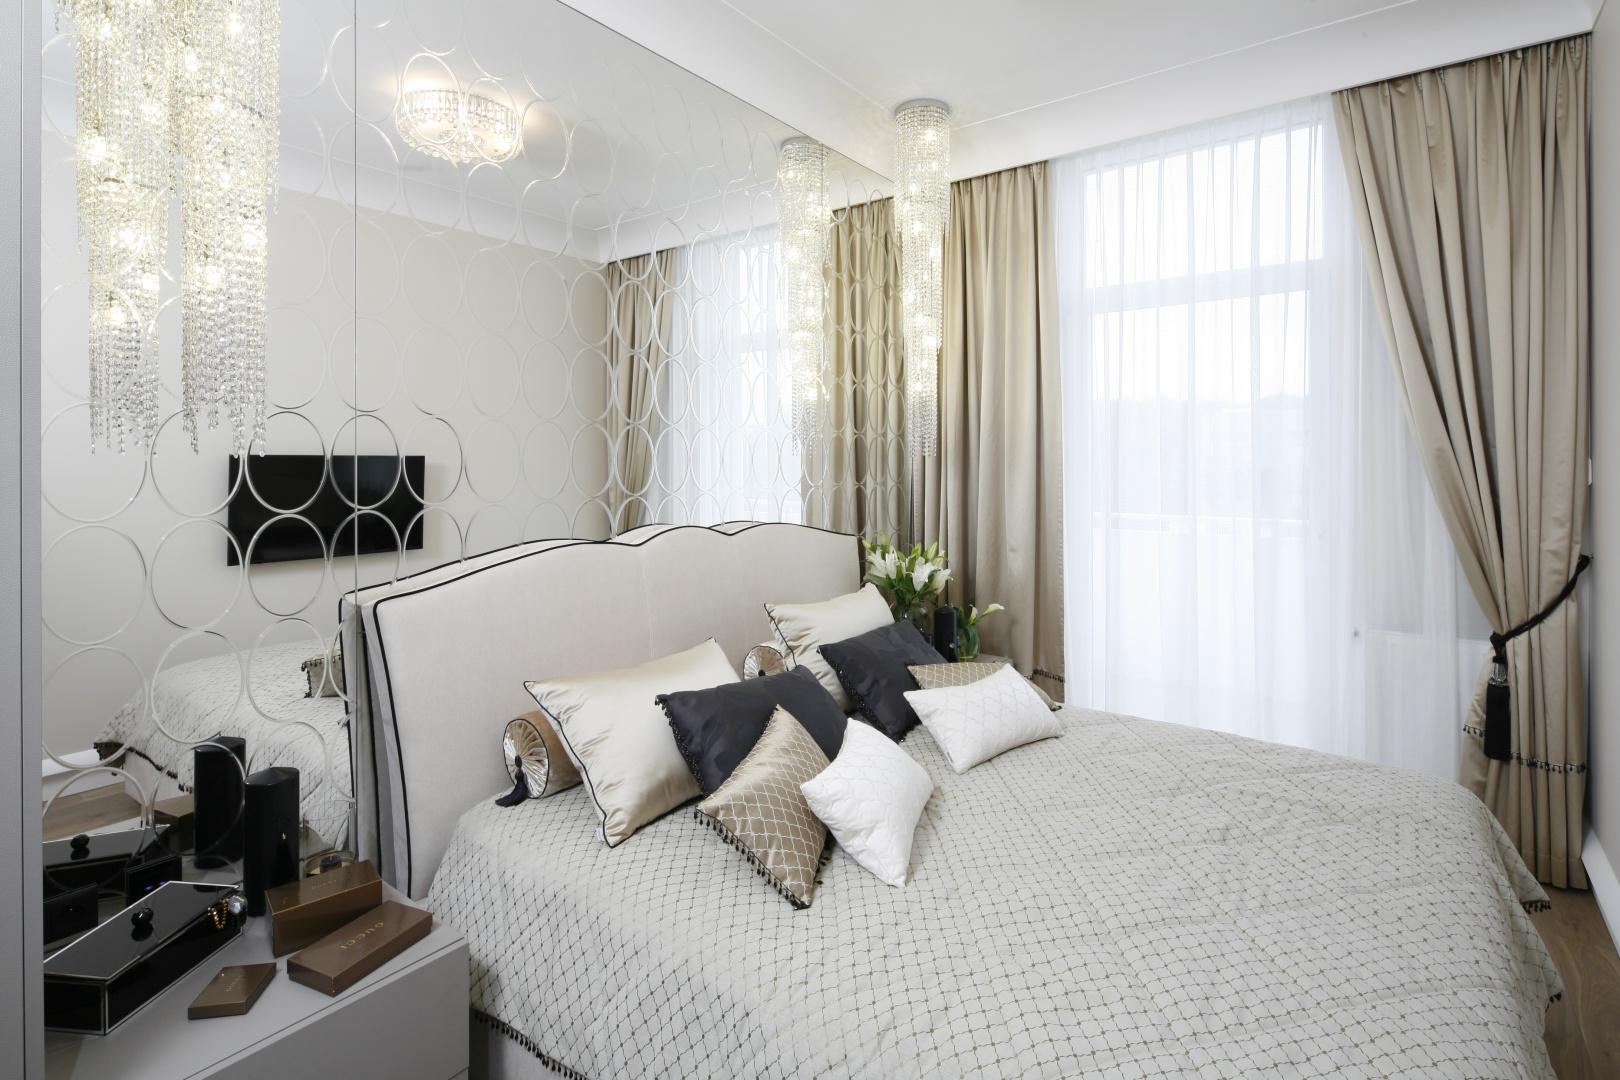 Sypialnię urządzono w jasnych odcieniach beżów, a wnętrze dodatkowo rozświetla oryginalne wykończenie ściany za łóżkiem w postaci dużej tafli lustrzanej z dekoracyjnymi ornamentami. Projekt: Karolina Łuczyńska. Fot. Bartosz Jarosz